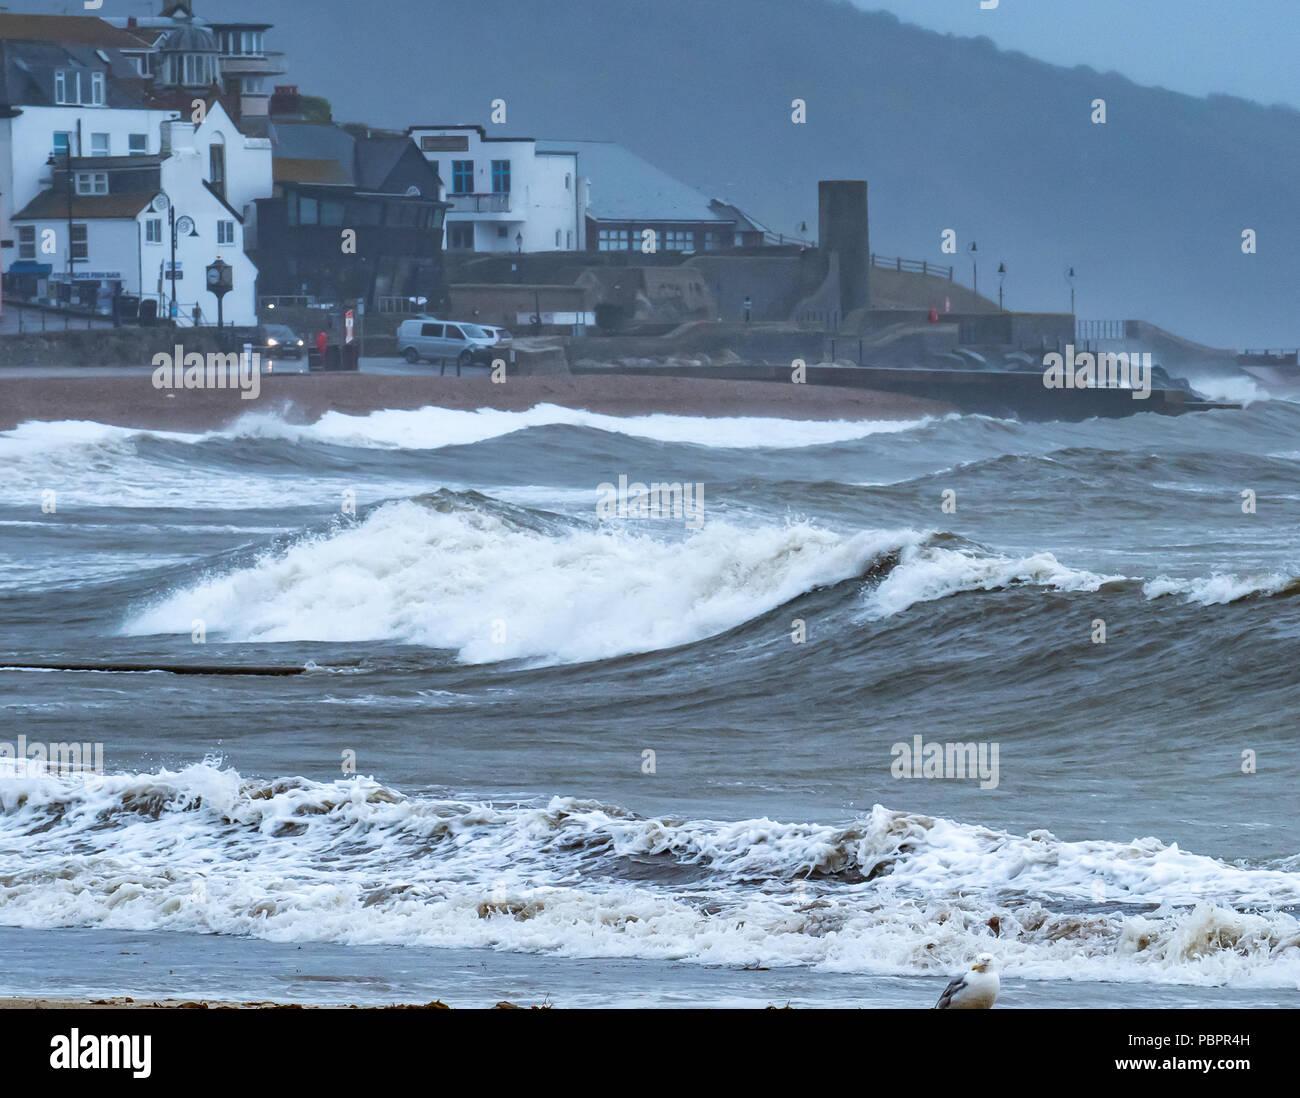 Lyme Regis, Dorset, Royaume-Uni. 29 juillet 2018. Météo au Royaume-Uni: Temps orageux frappe le front de mer à Lyme Regis. La plage est vide à la station balnéaire de Lyme Regis que la pluie et les vents forts apportent un répit temporaire à la rupture record vague de chaleur d'été. Crédit : PQ/Alay Live News. Banque D'Images